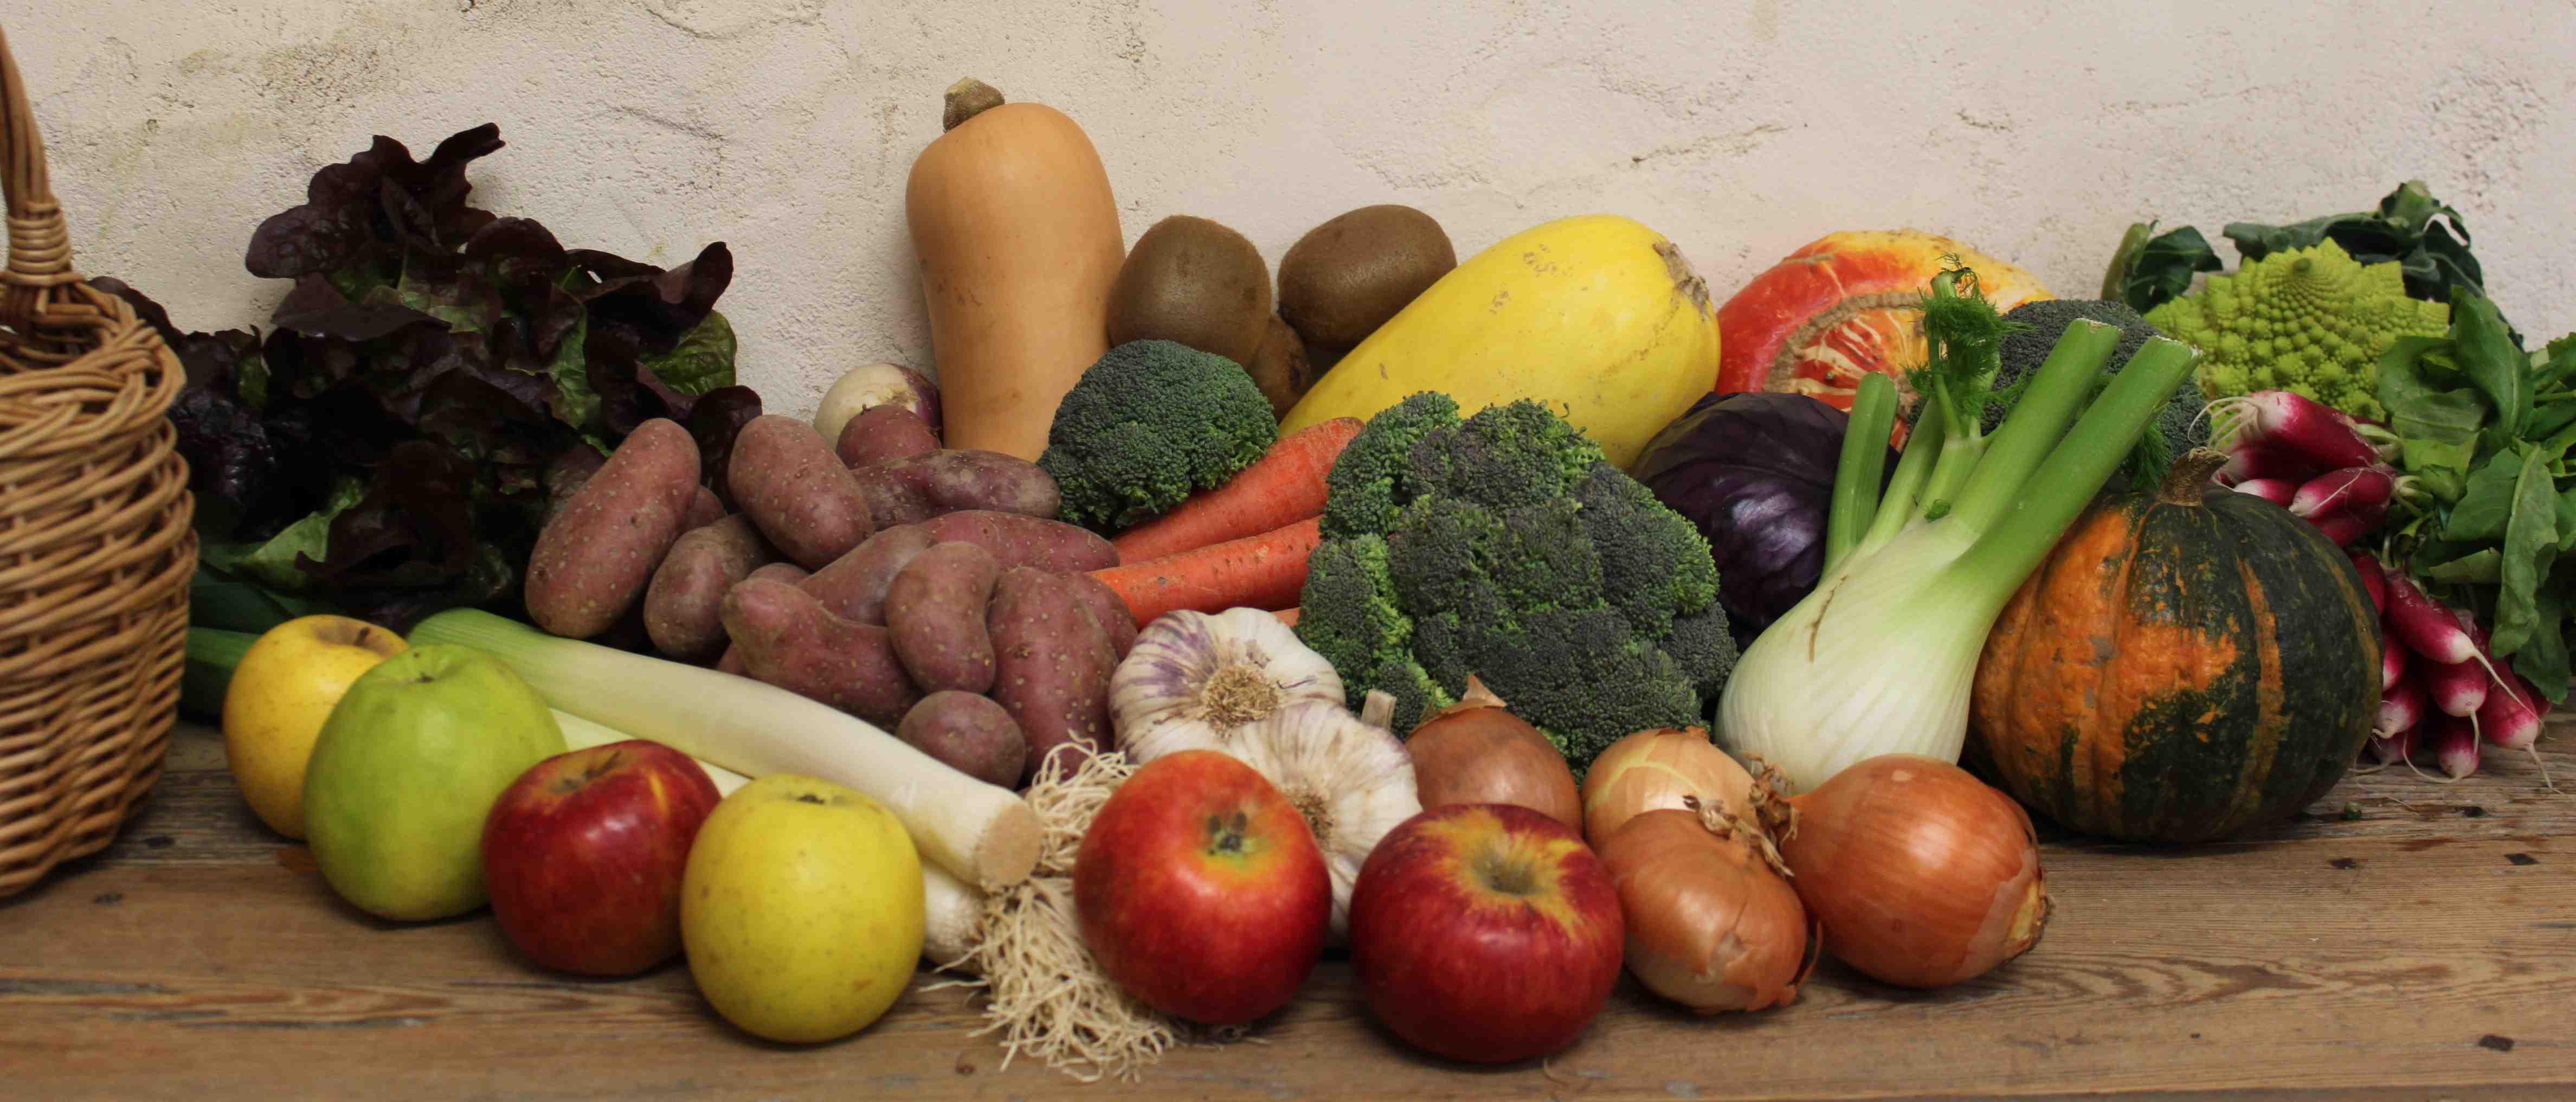 e25d09968bd Fruits et légumes ...